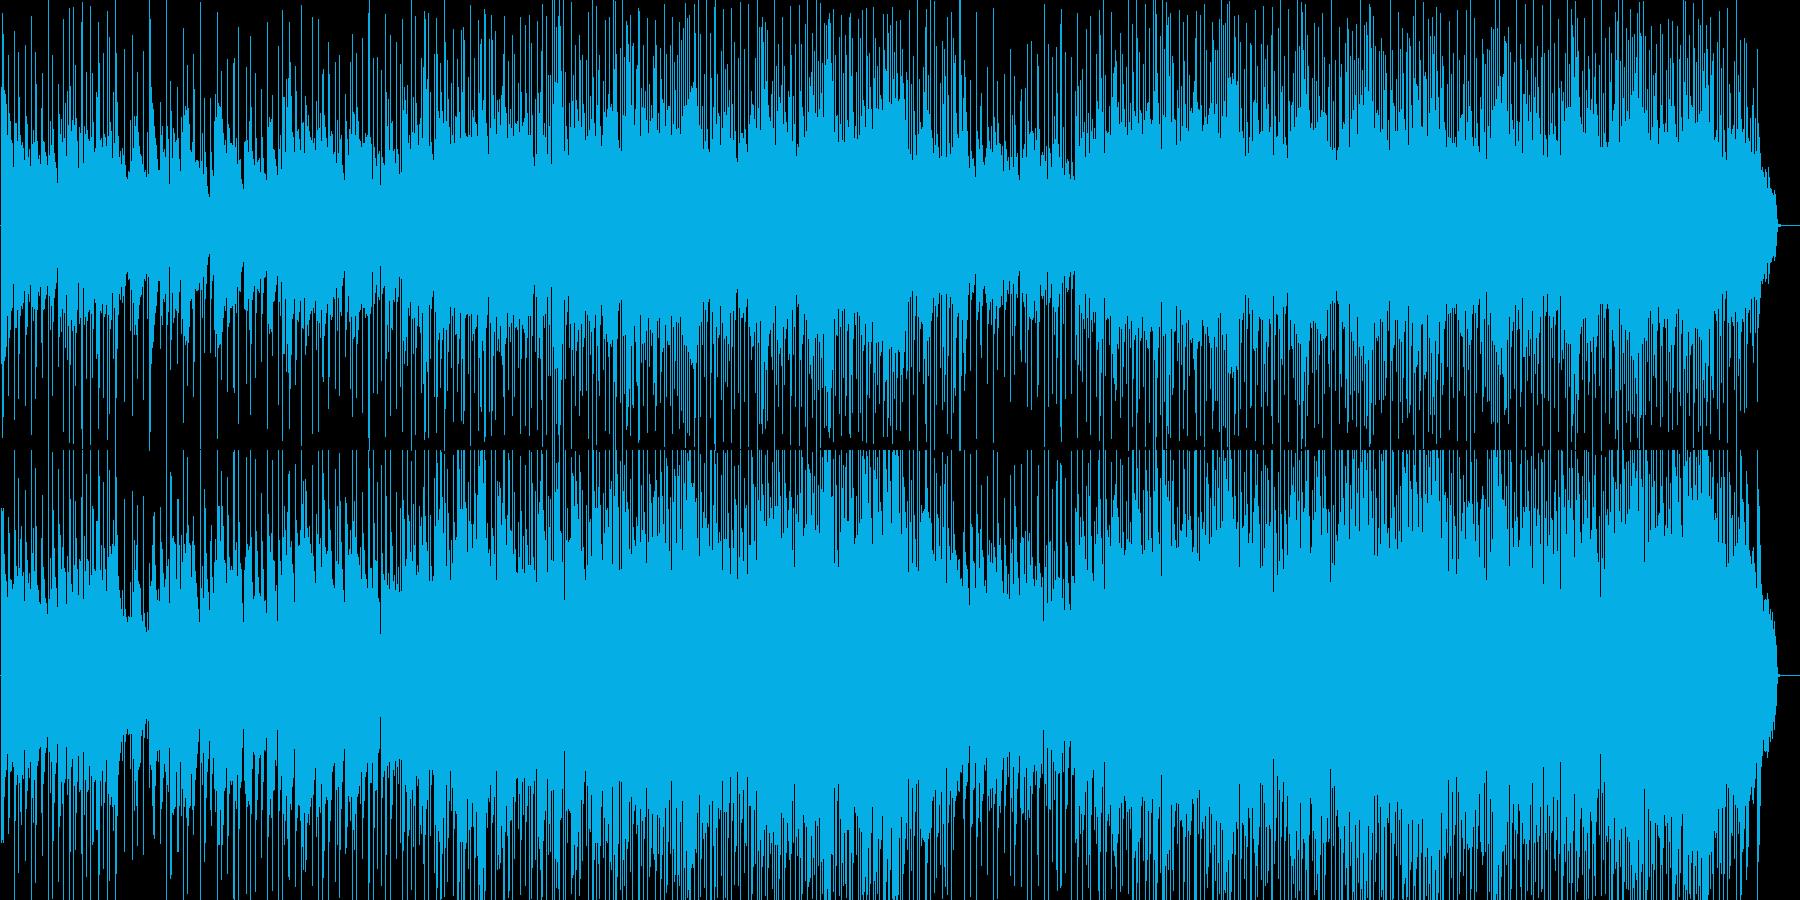 ドラマなどに使える感動的なポップスの再生済みの波形